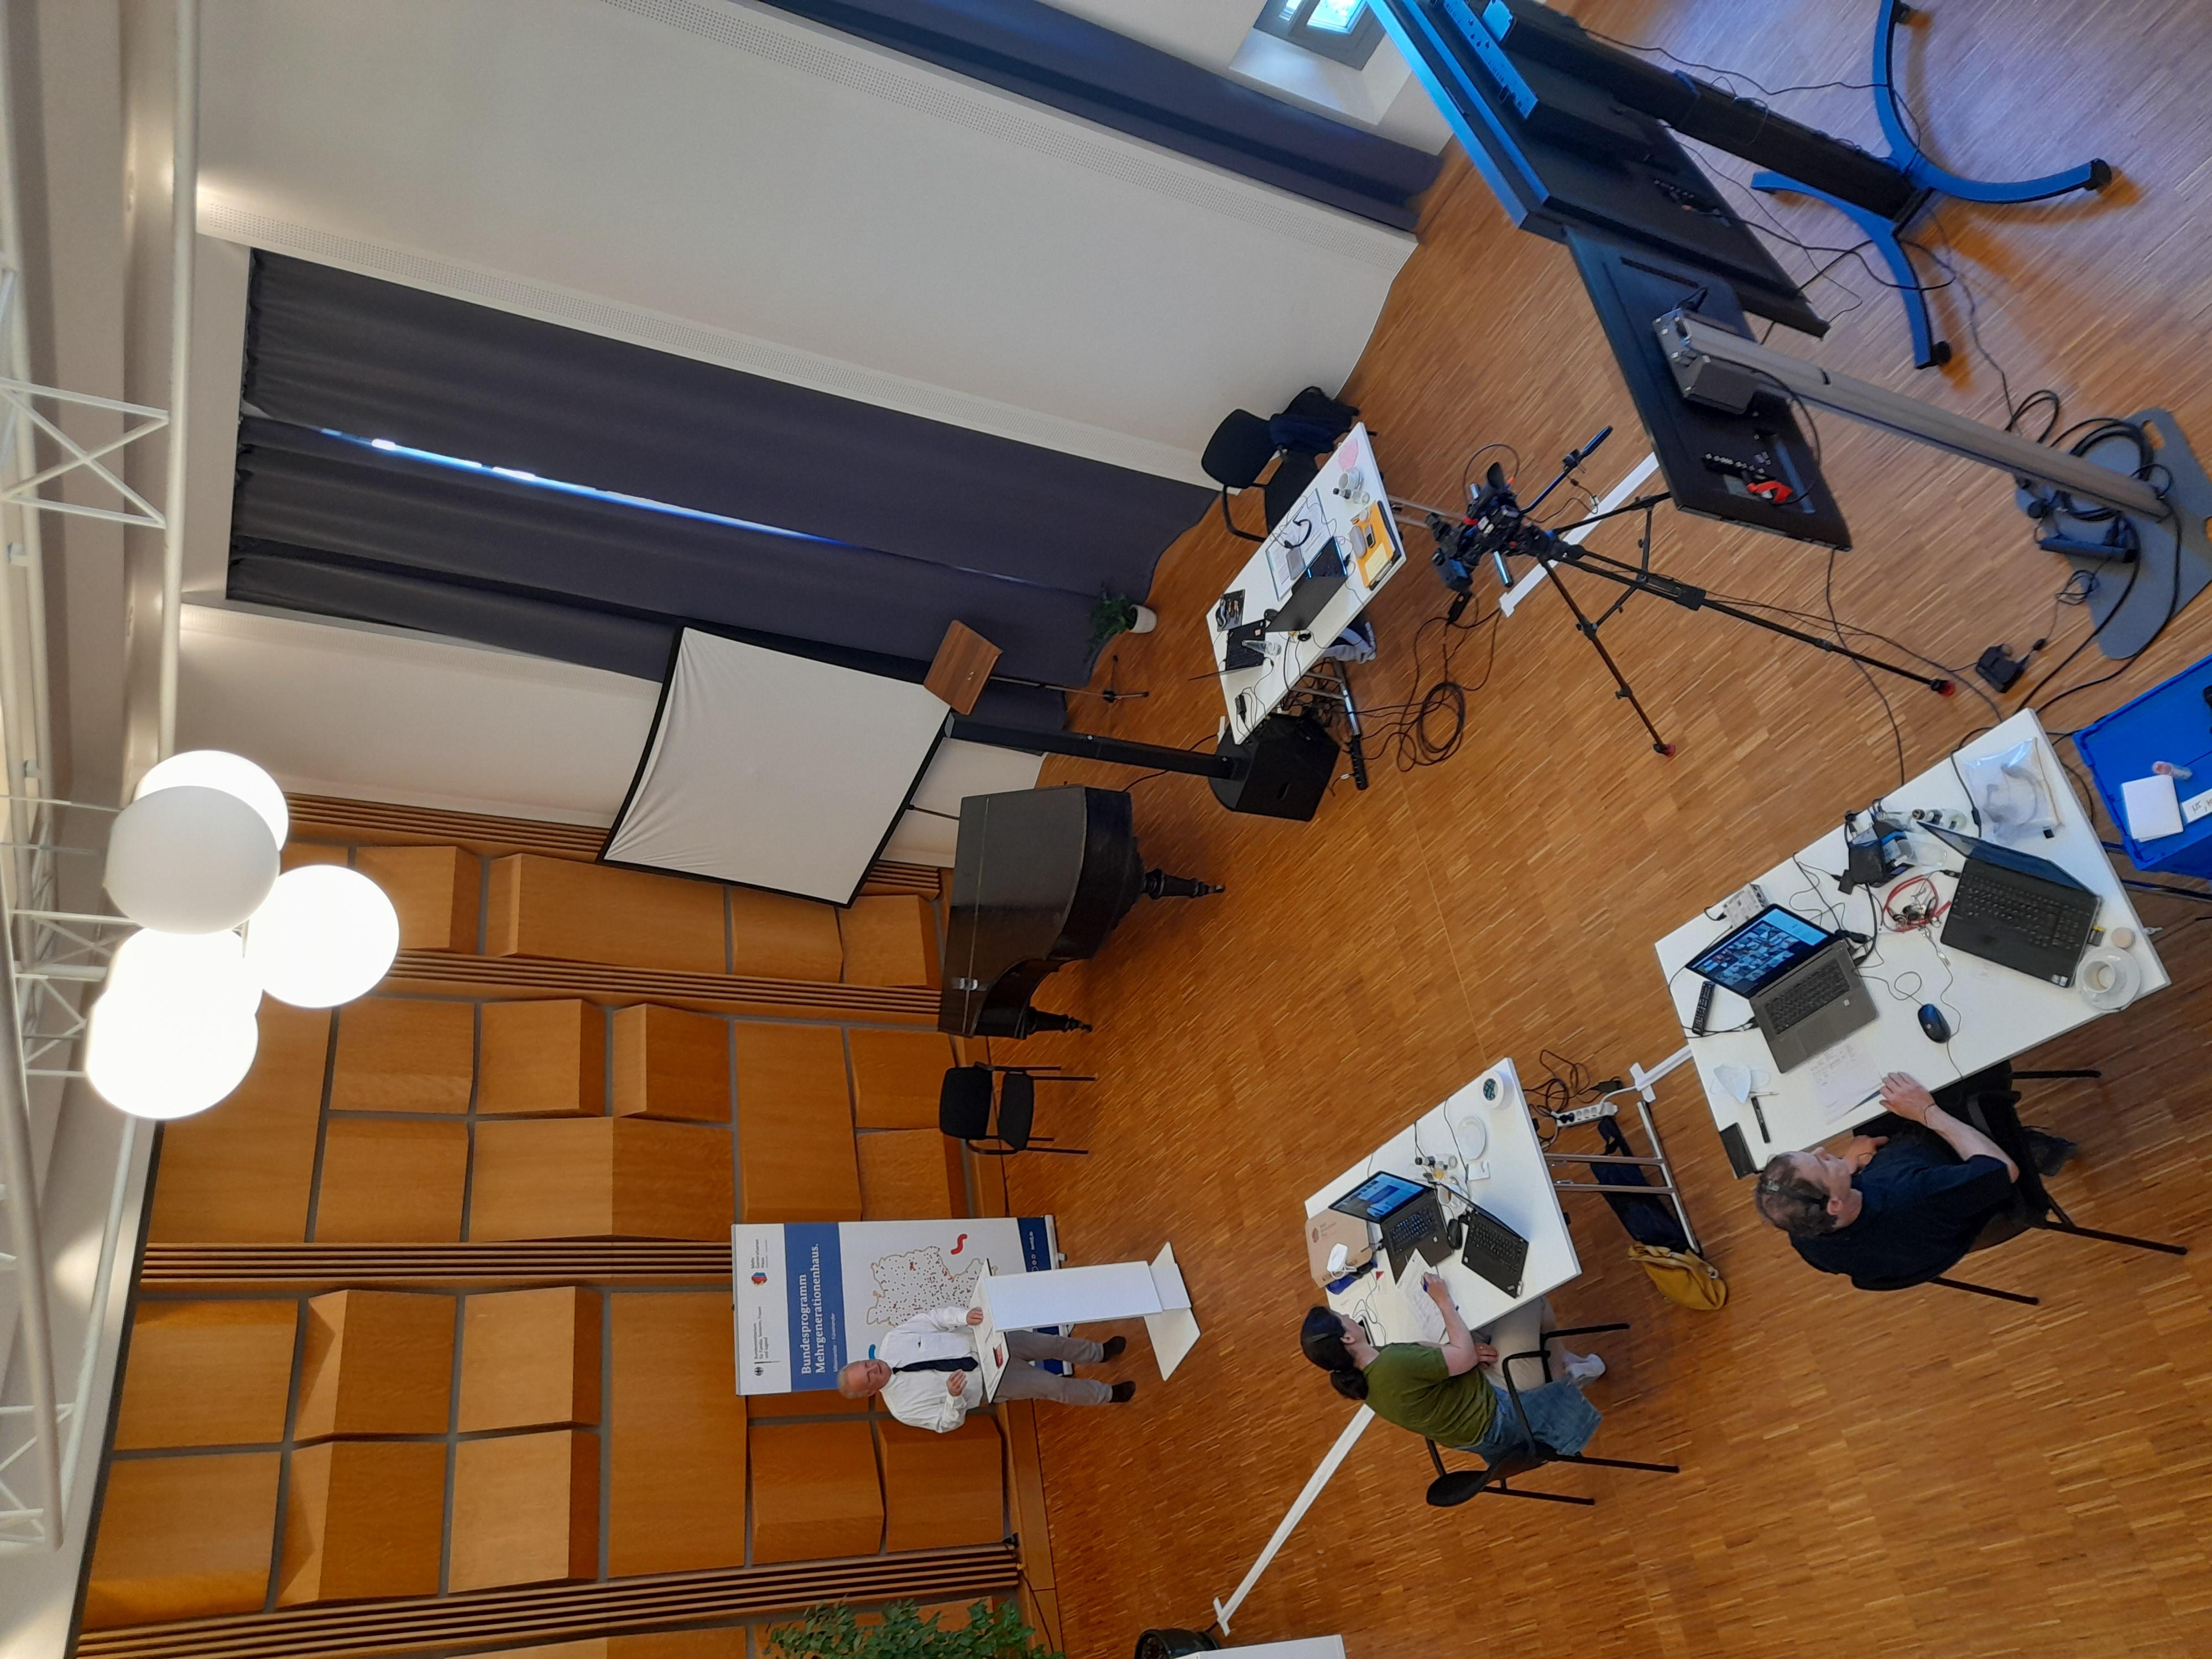 Blick von oben auf Aufbau des Fachtags mit Moderator am Pult und zwei Personen an Schreibtischen mit Laptops